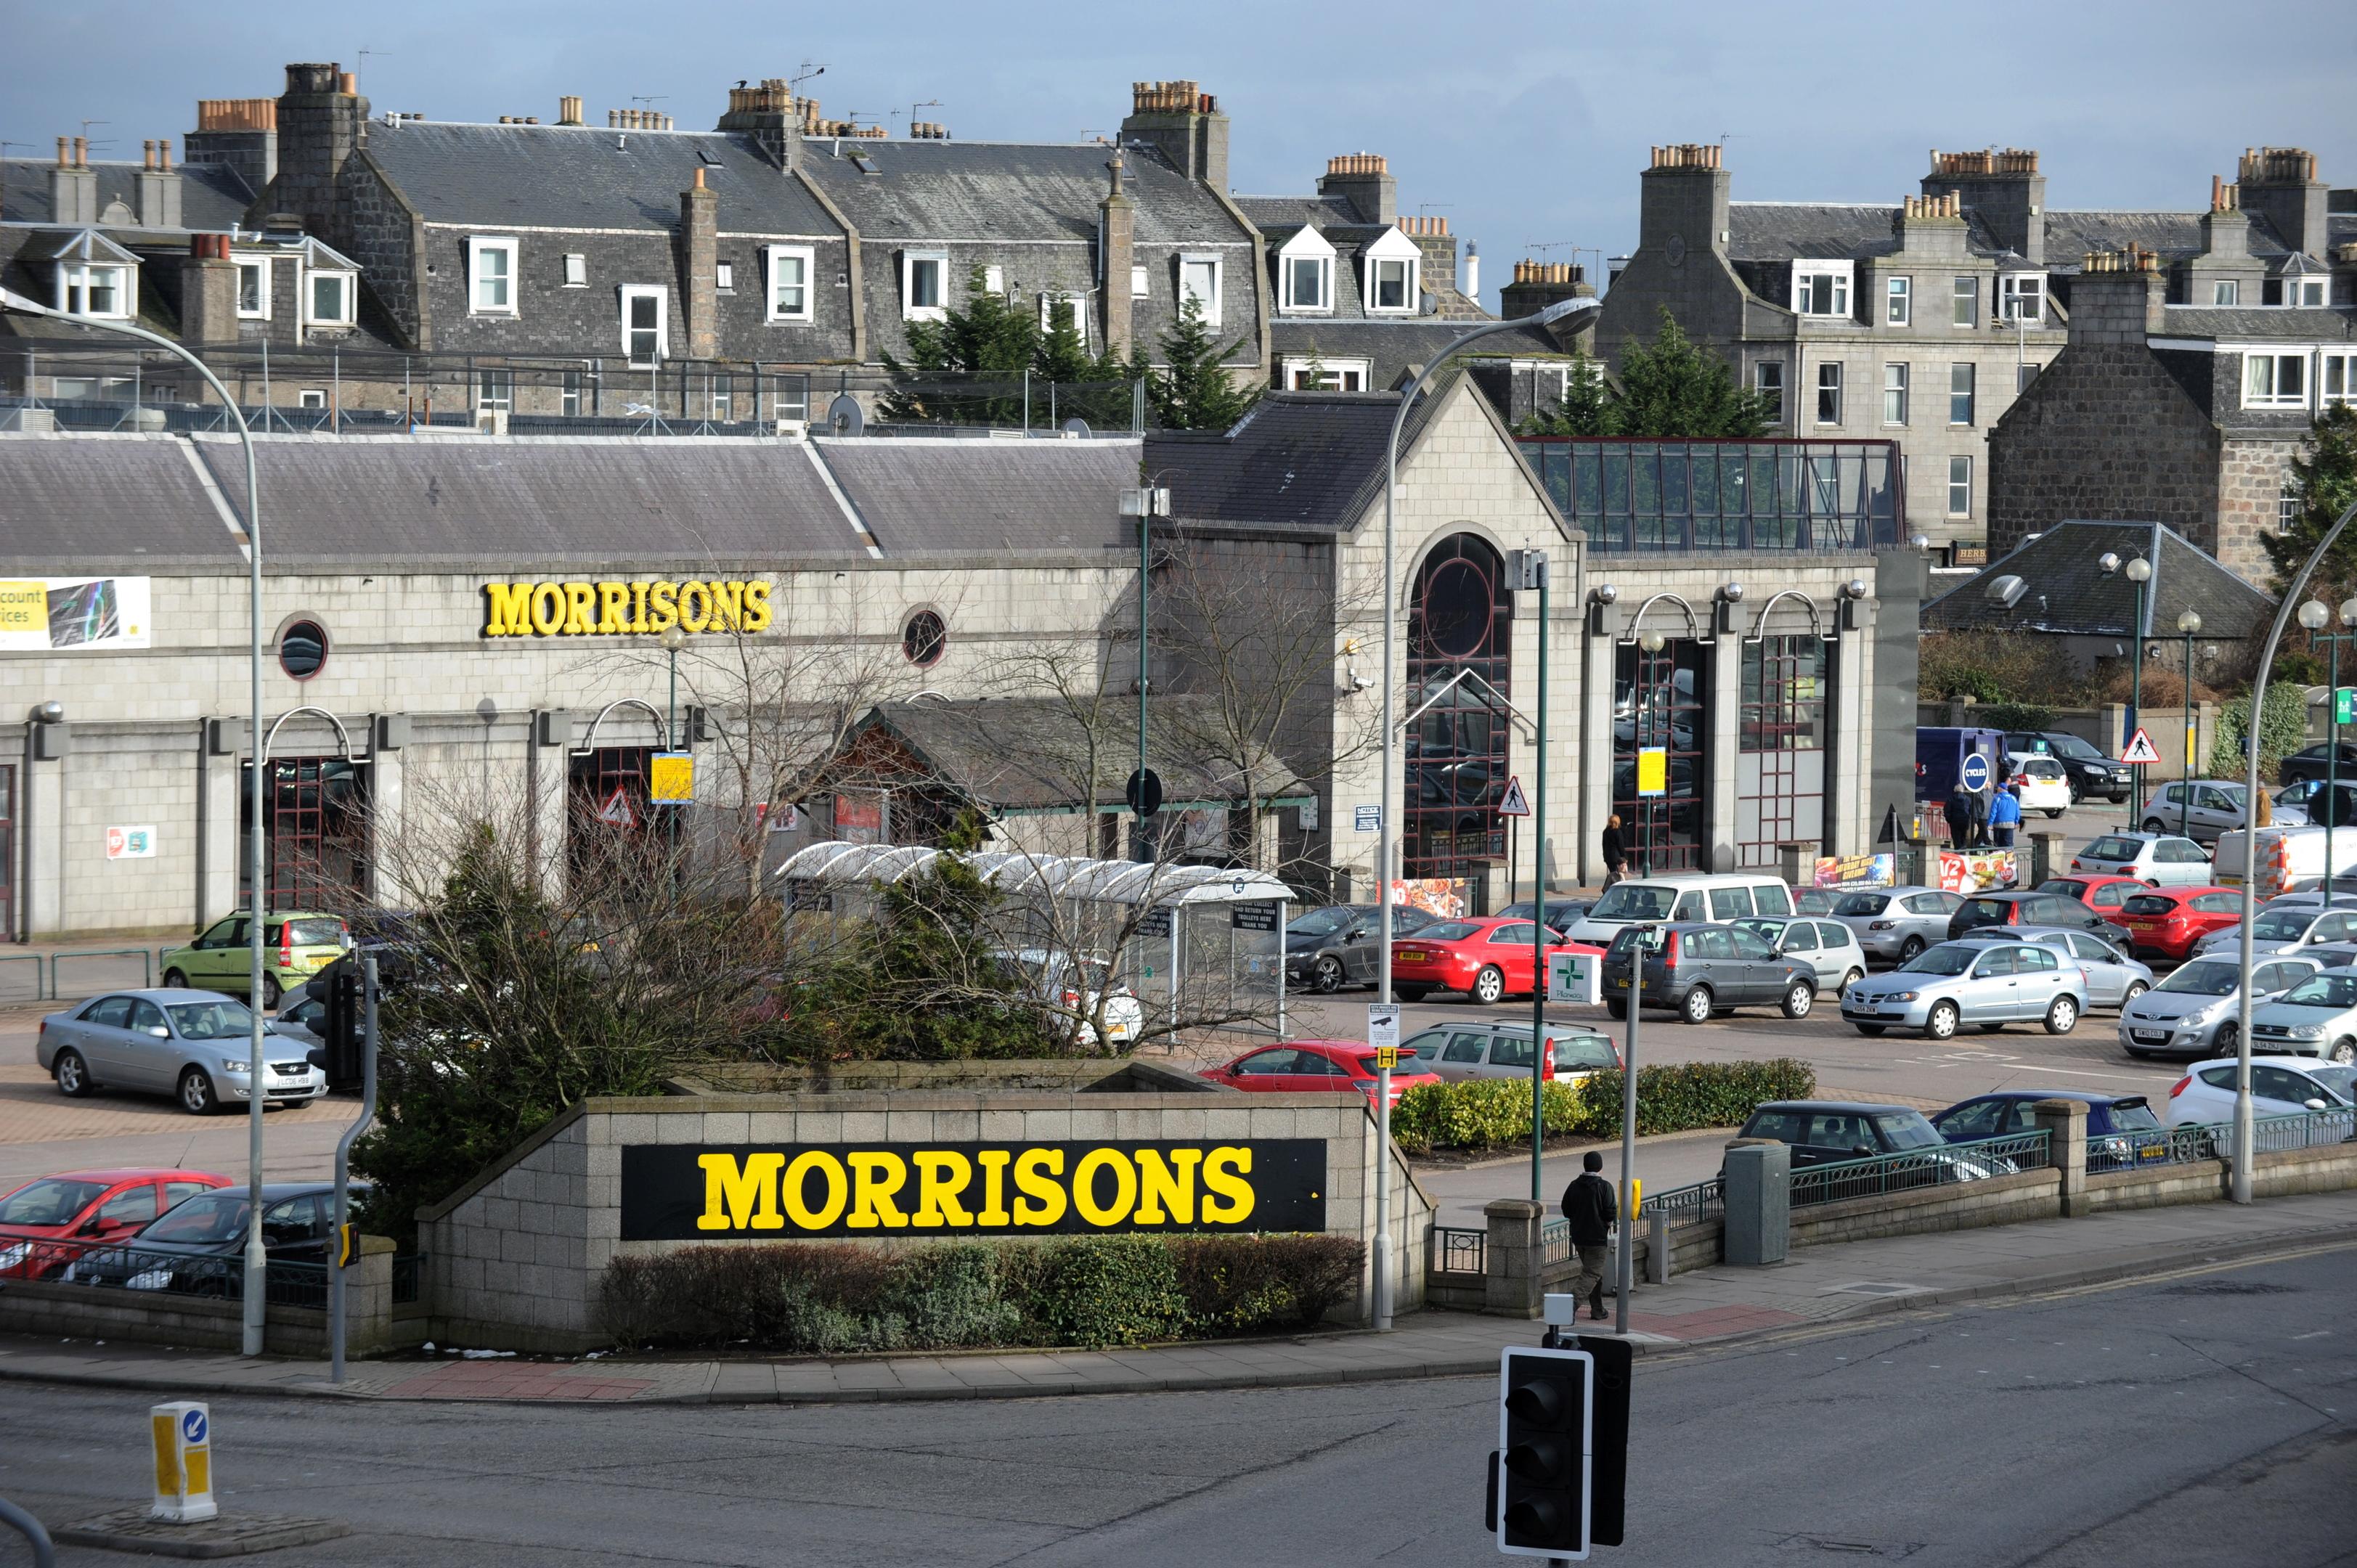 Morrisons in Aberdeen